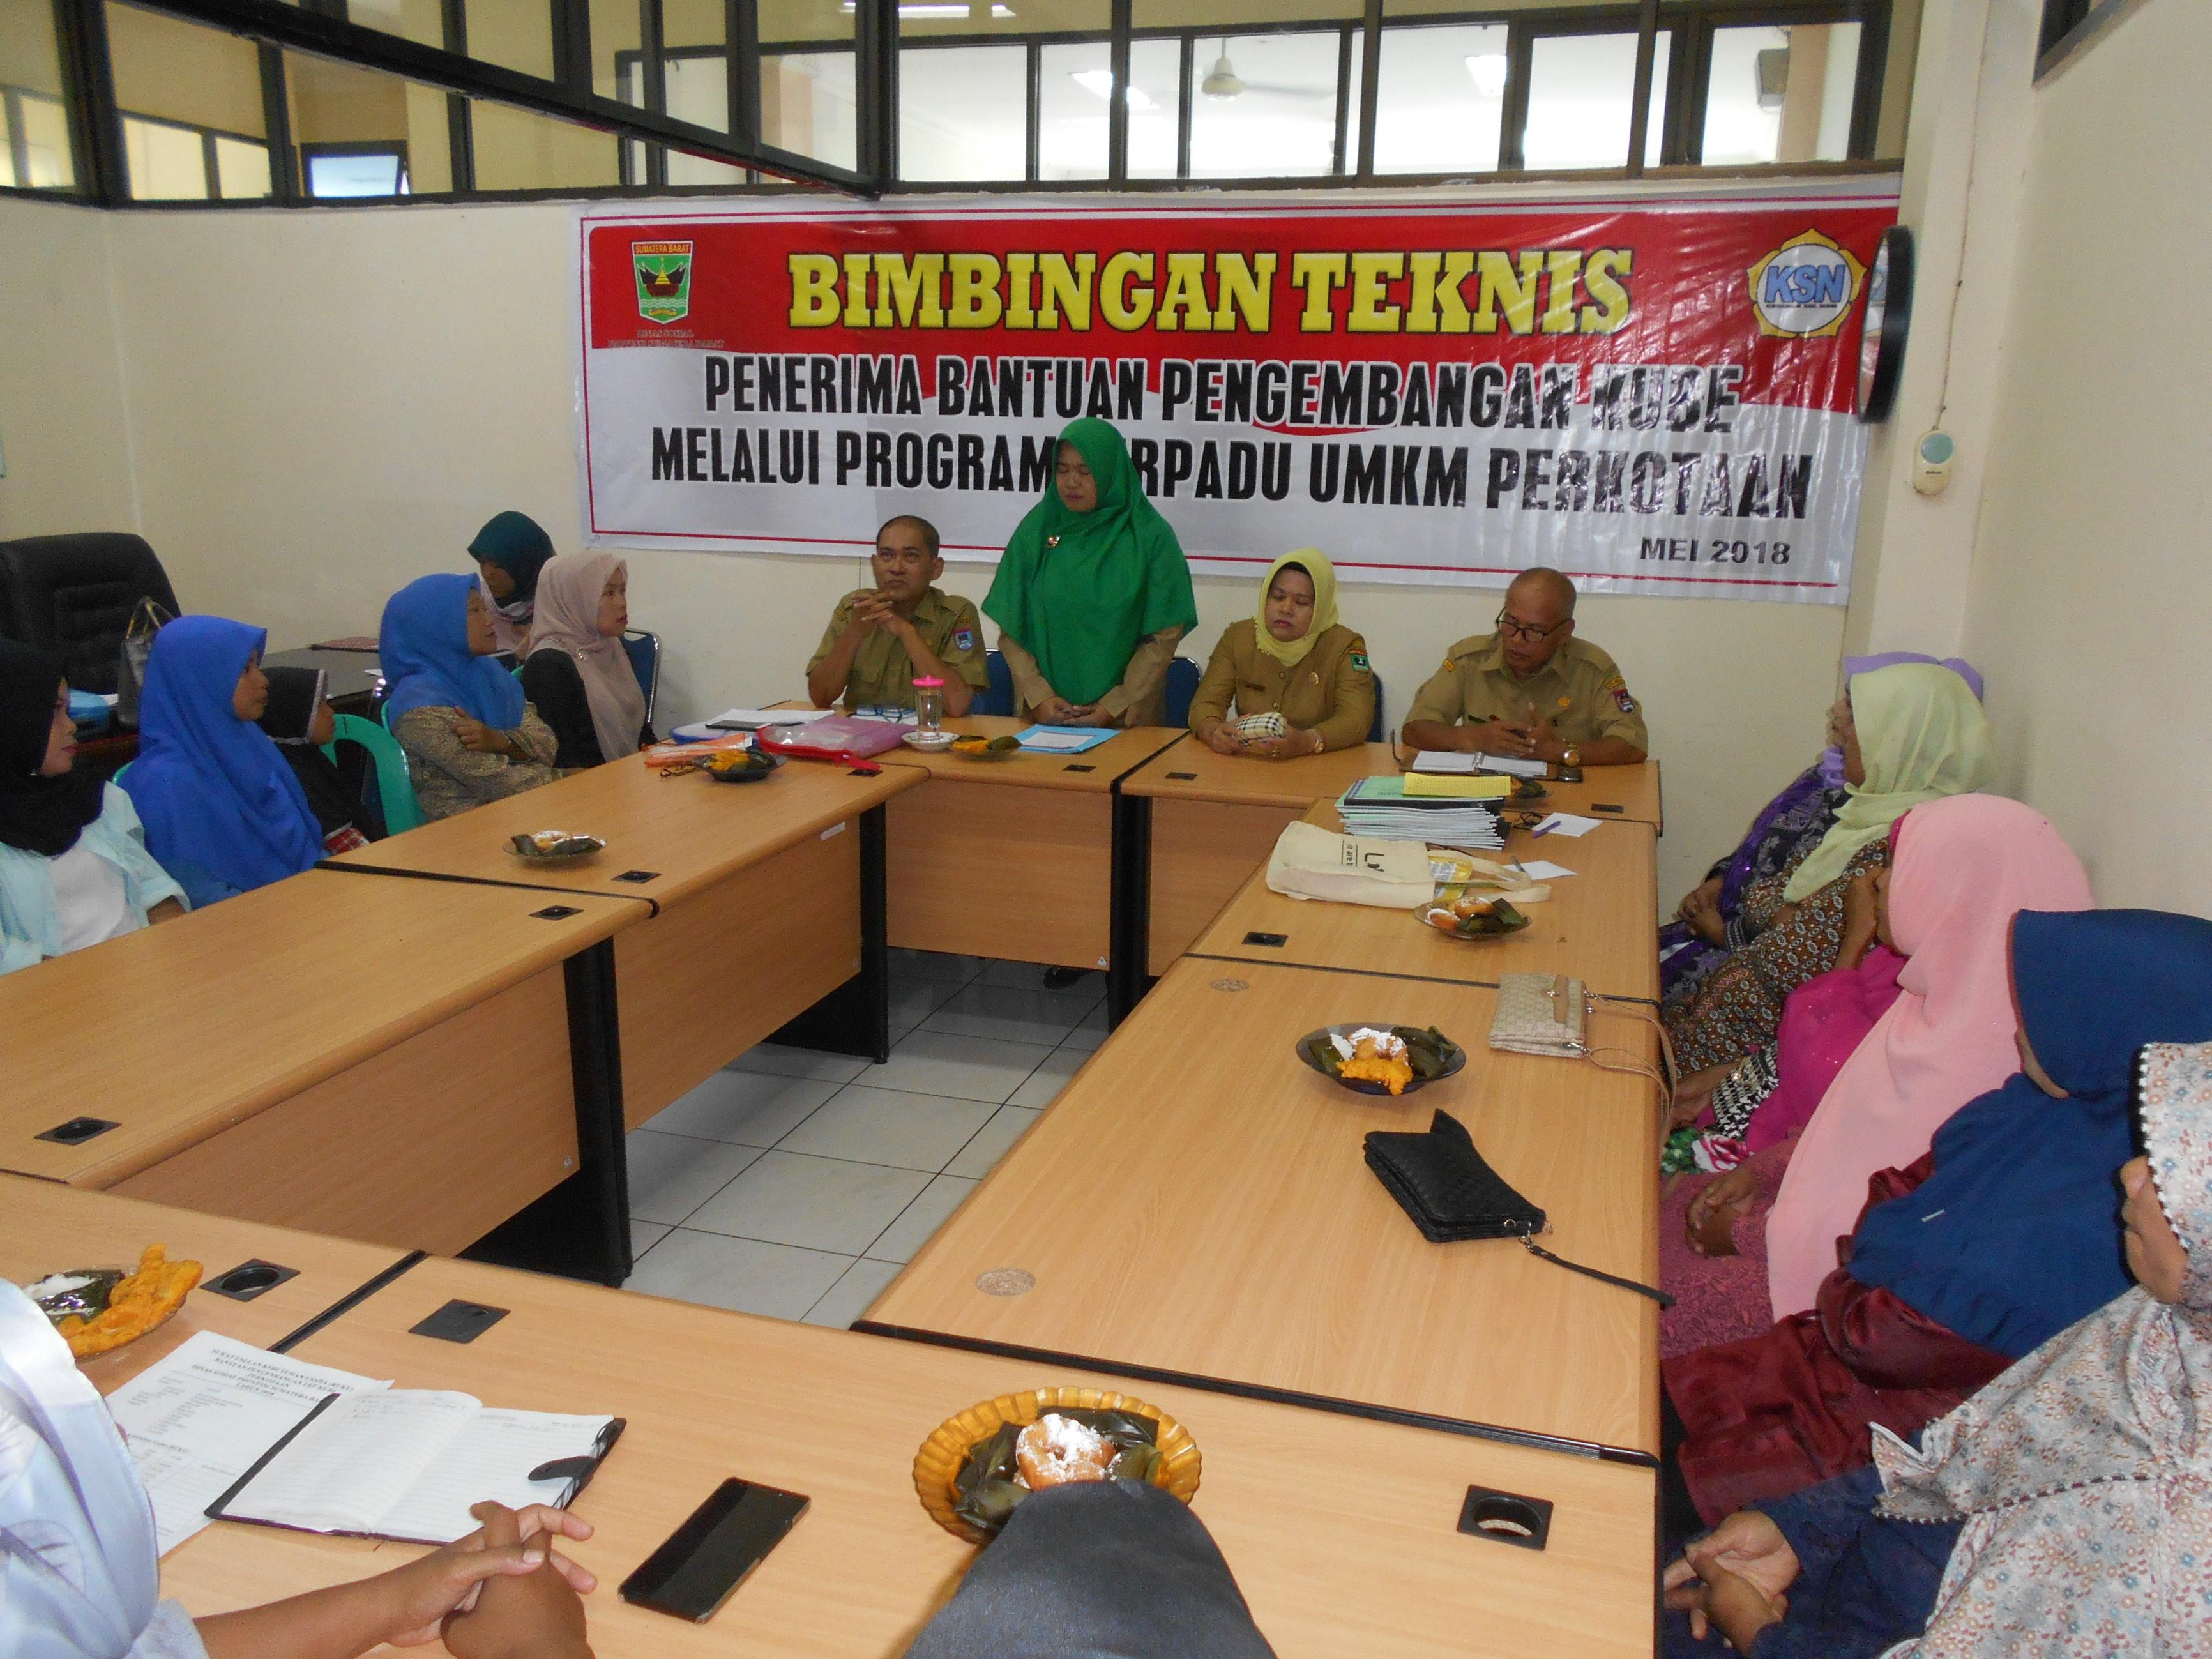 Bimtek Penerima Bantuan Pengembangan KUBE melalui Program terpadu UMKM Perkotaan